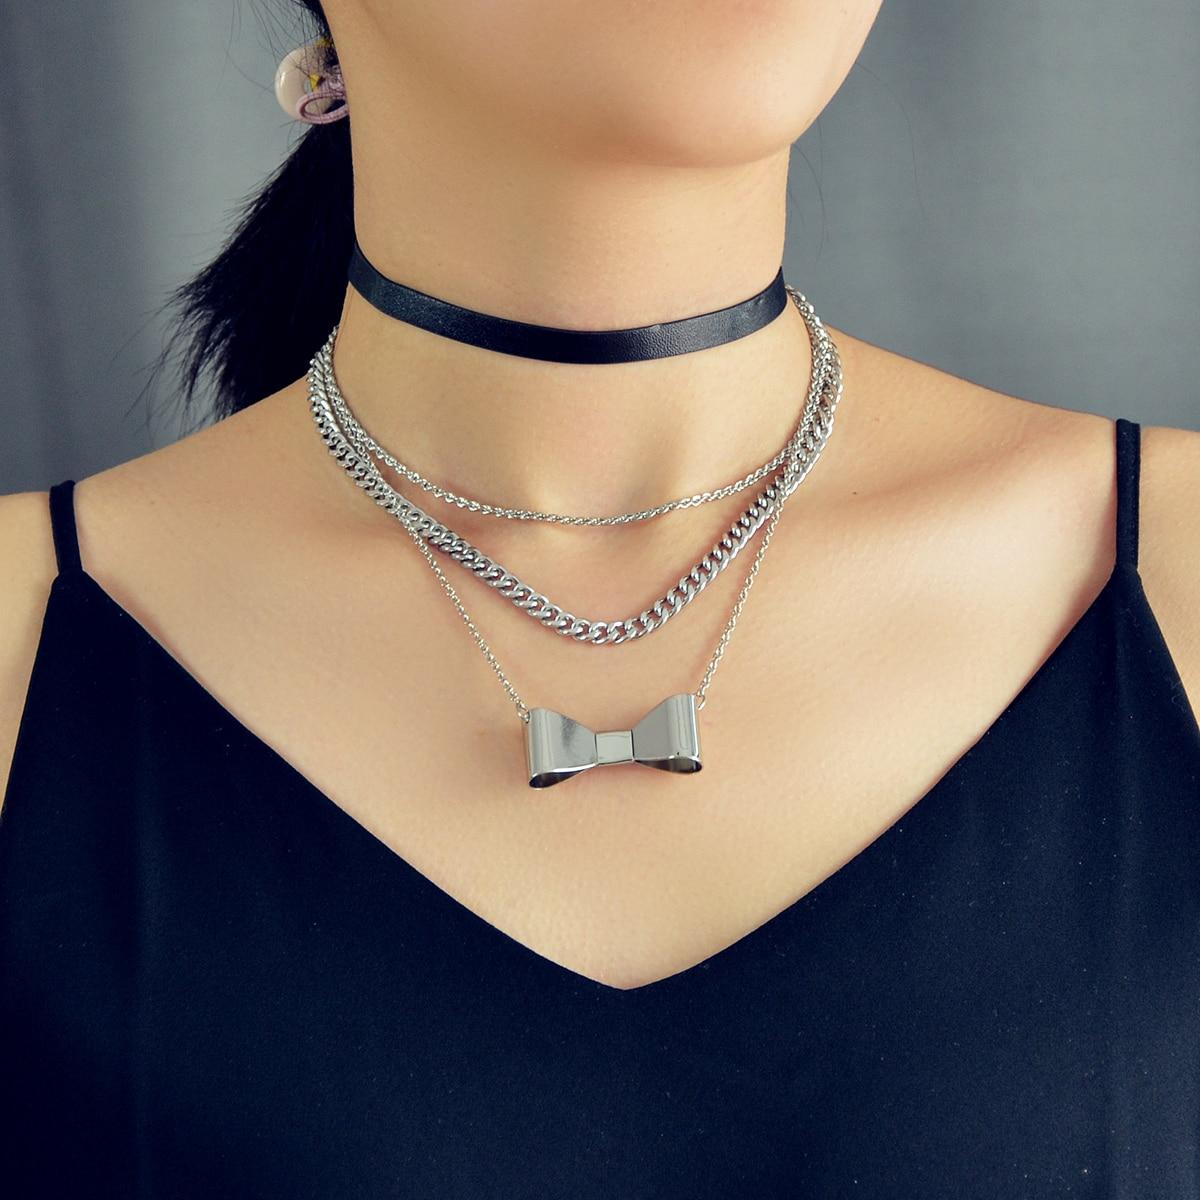 2pcs Bow Knot Decor Necklace